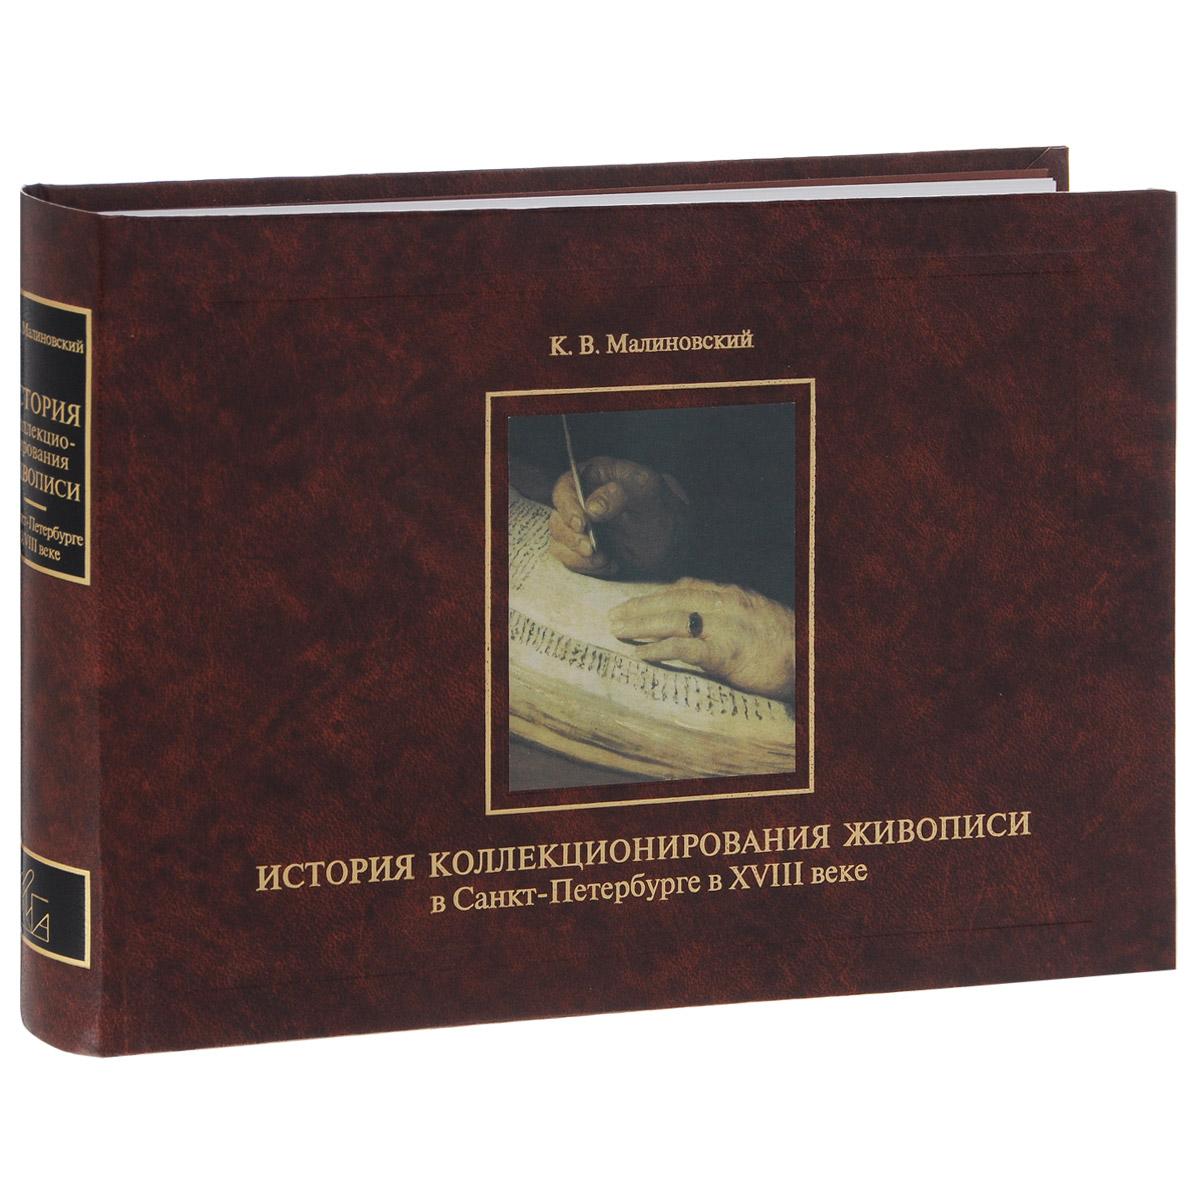 К. В. Малиновский История коллекционирования живописи в Санкт-Петербурге в XVIII веке